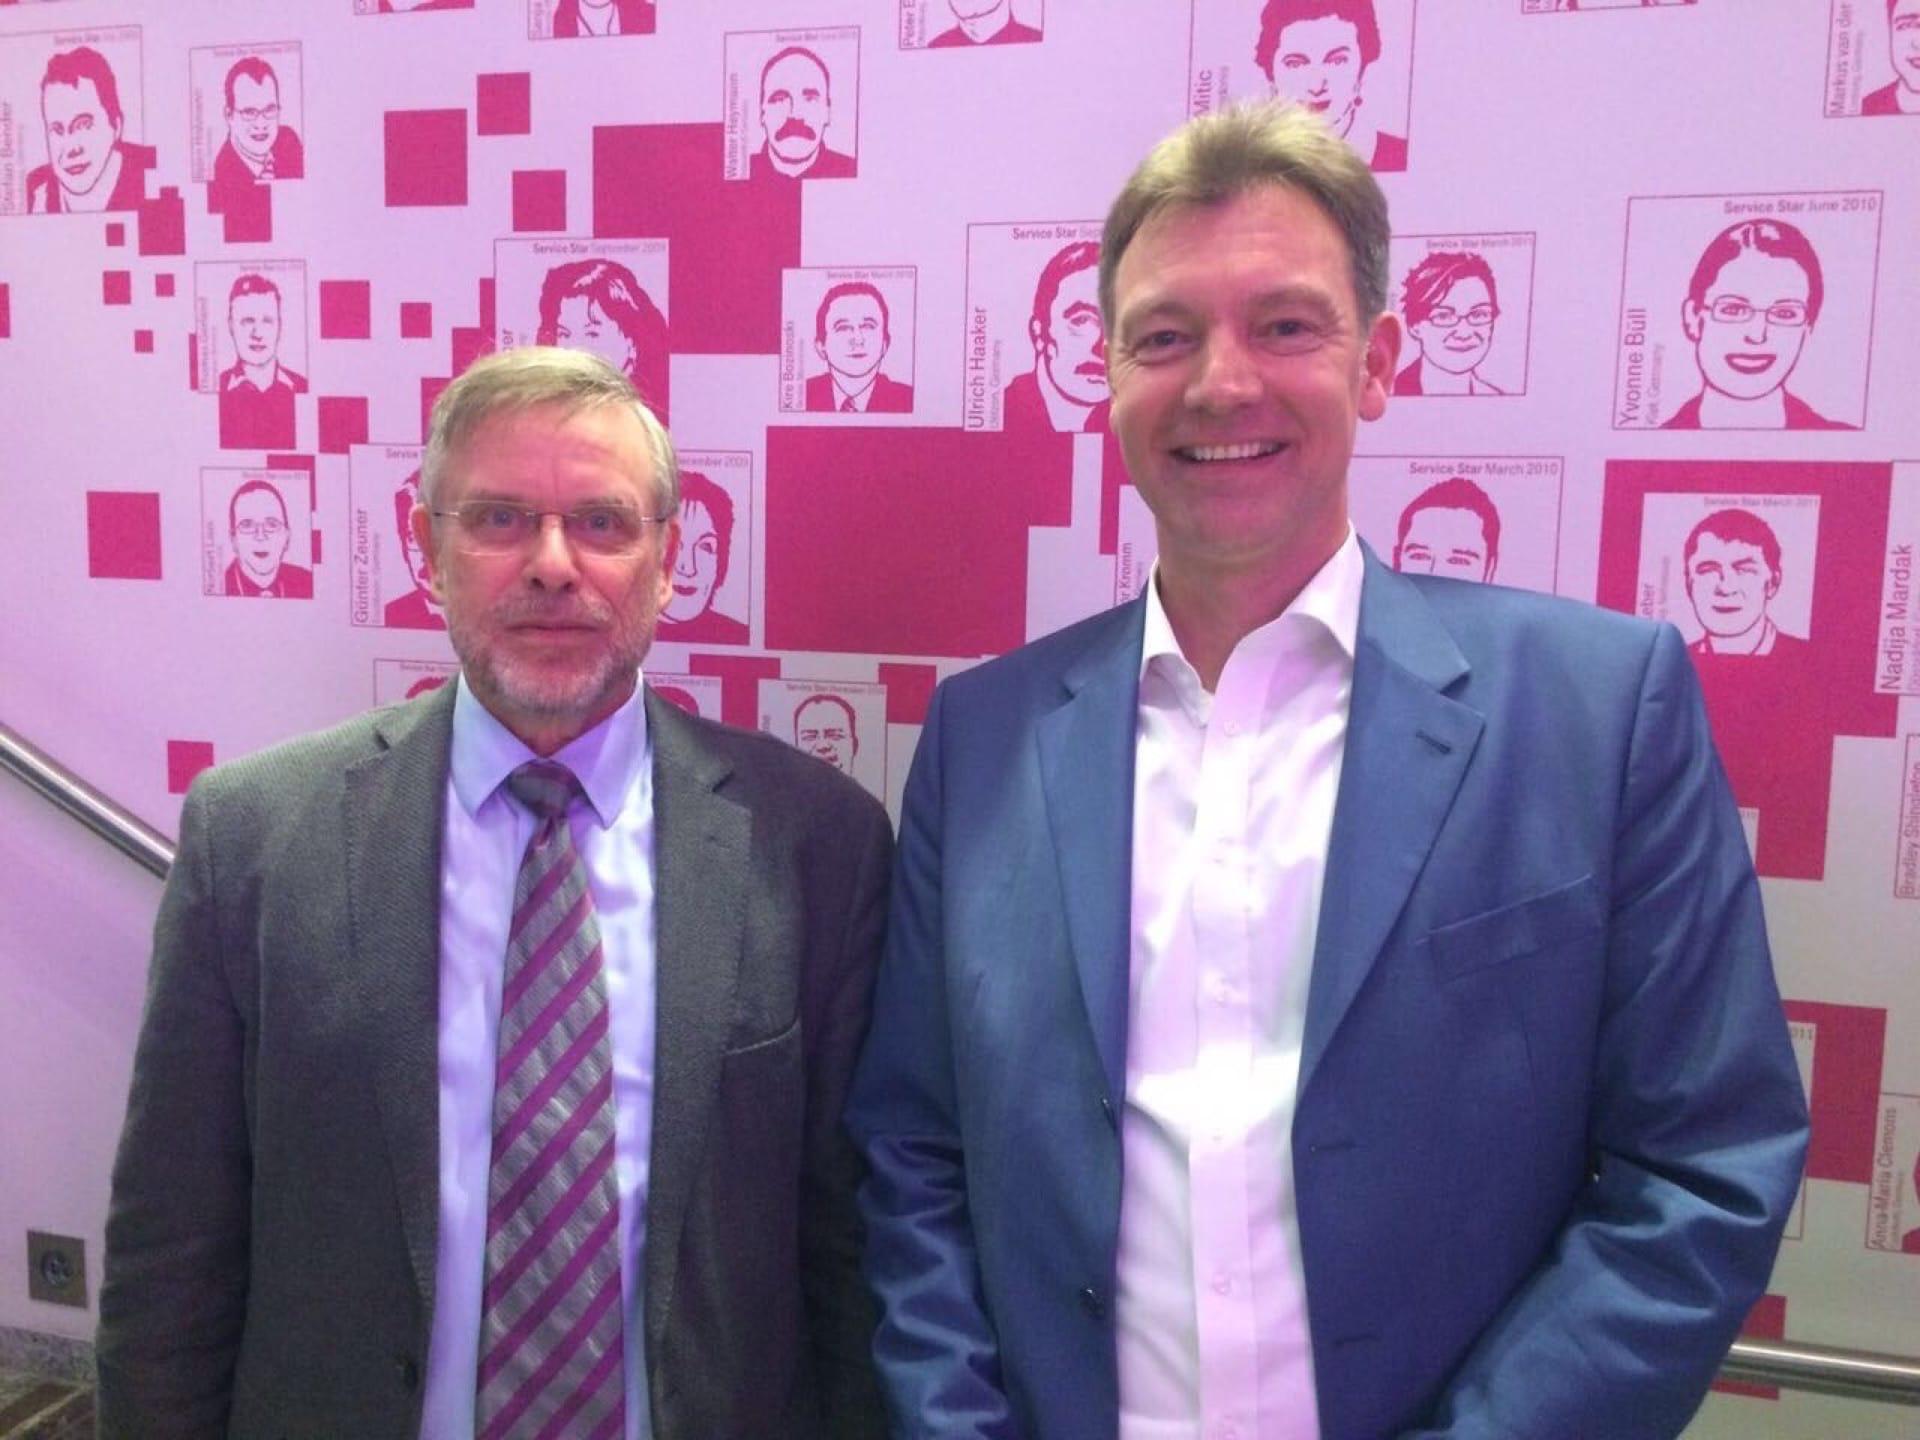 Ludwig Brackmann & Gunter Dueck beim T-Talk, Deutsche Telekom, 2017